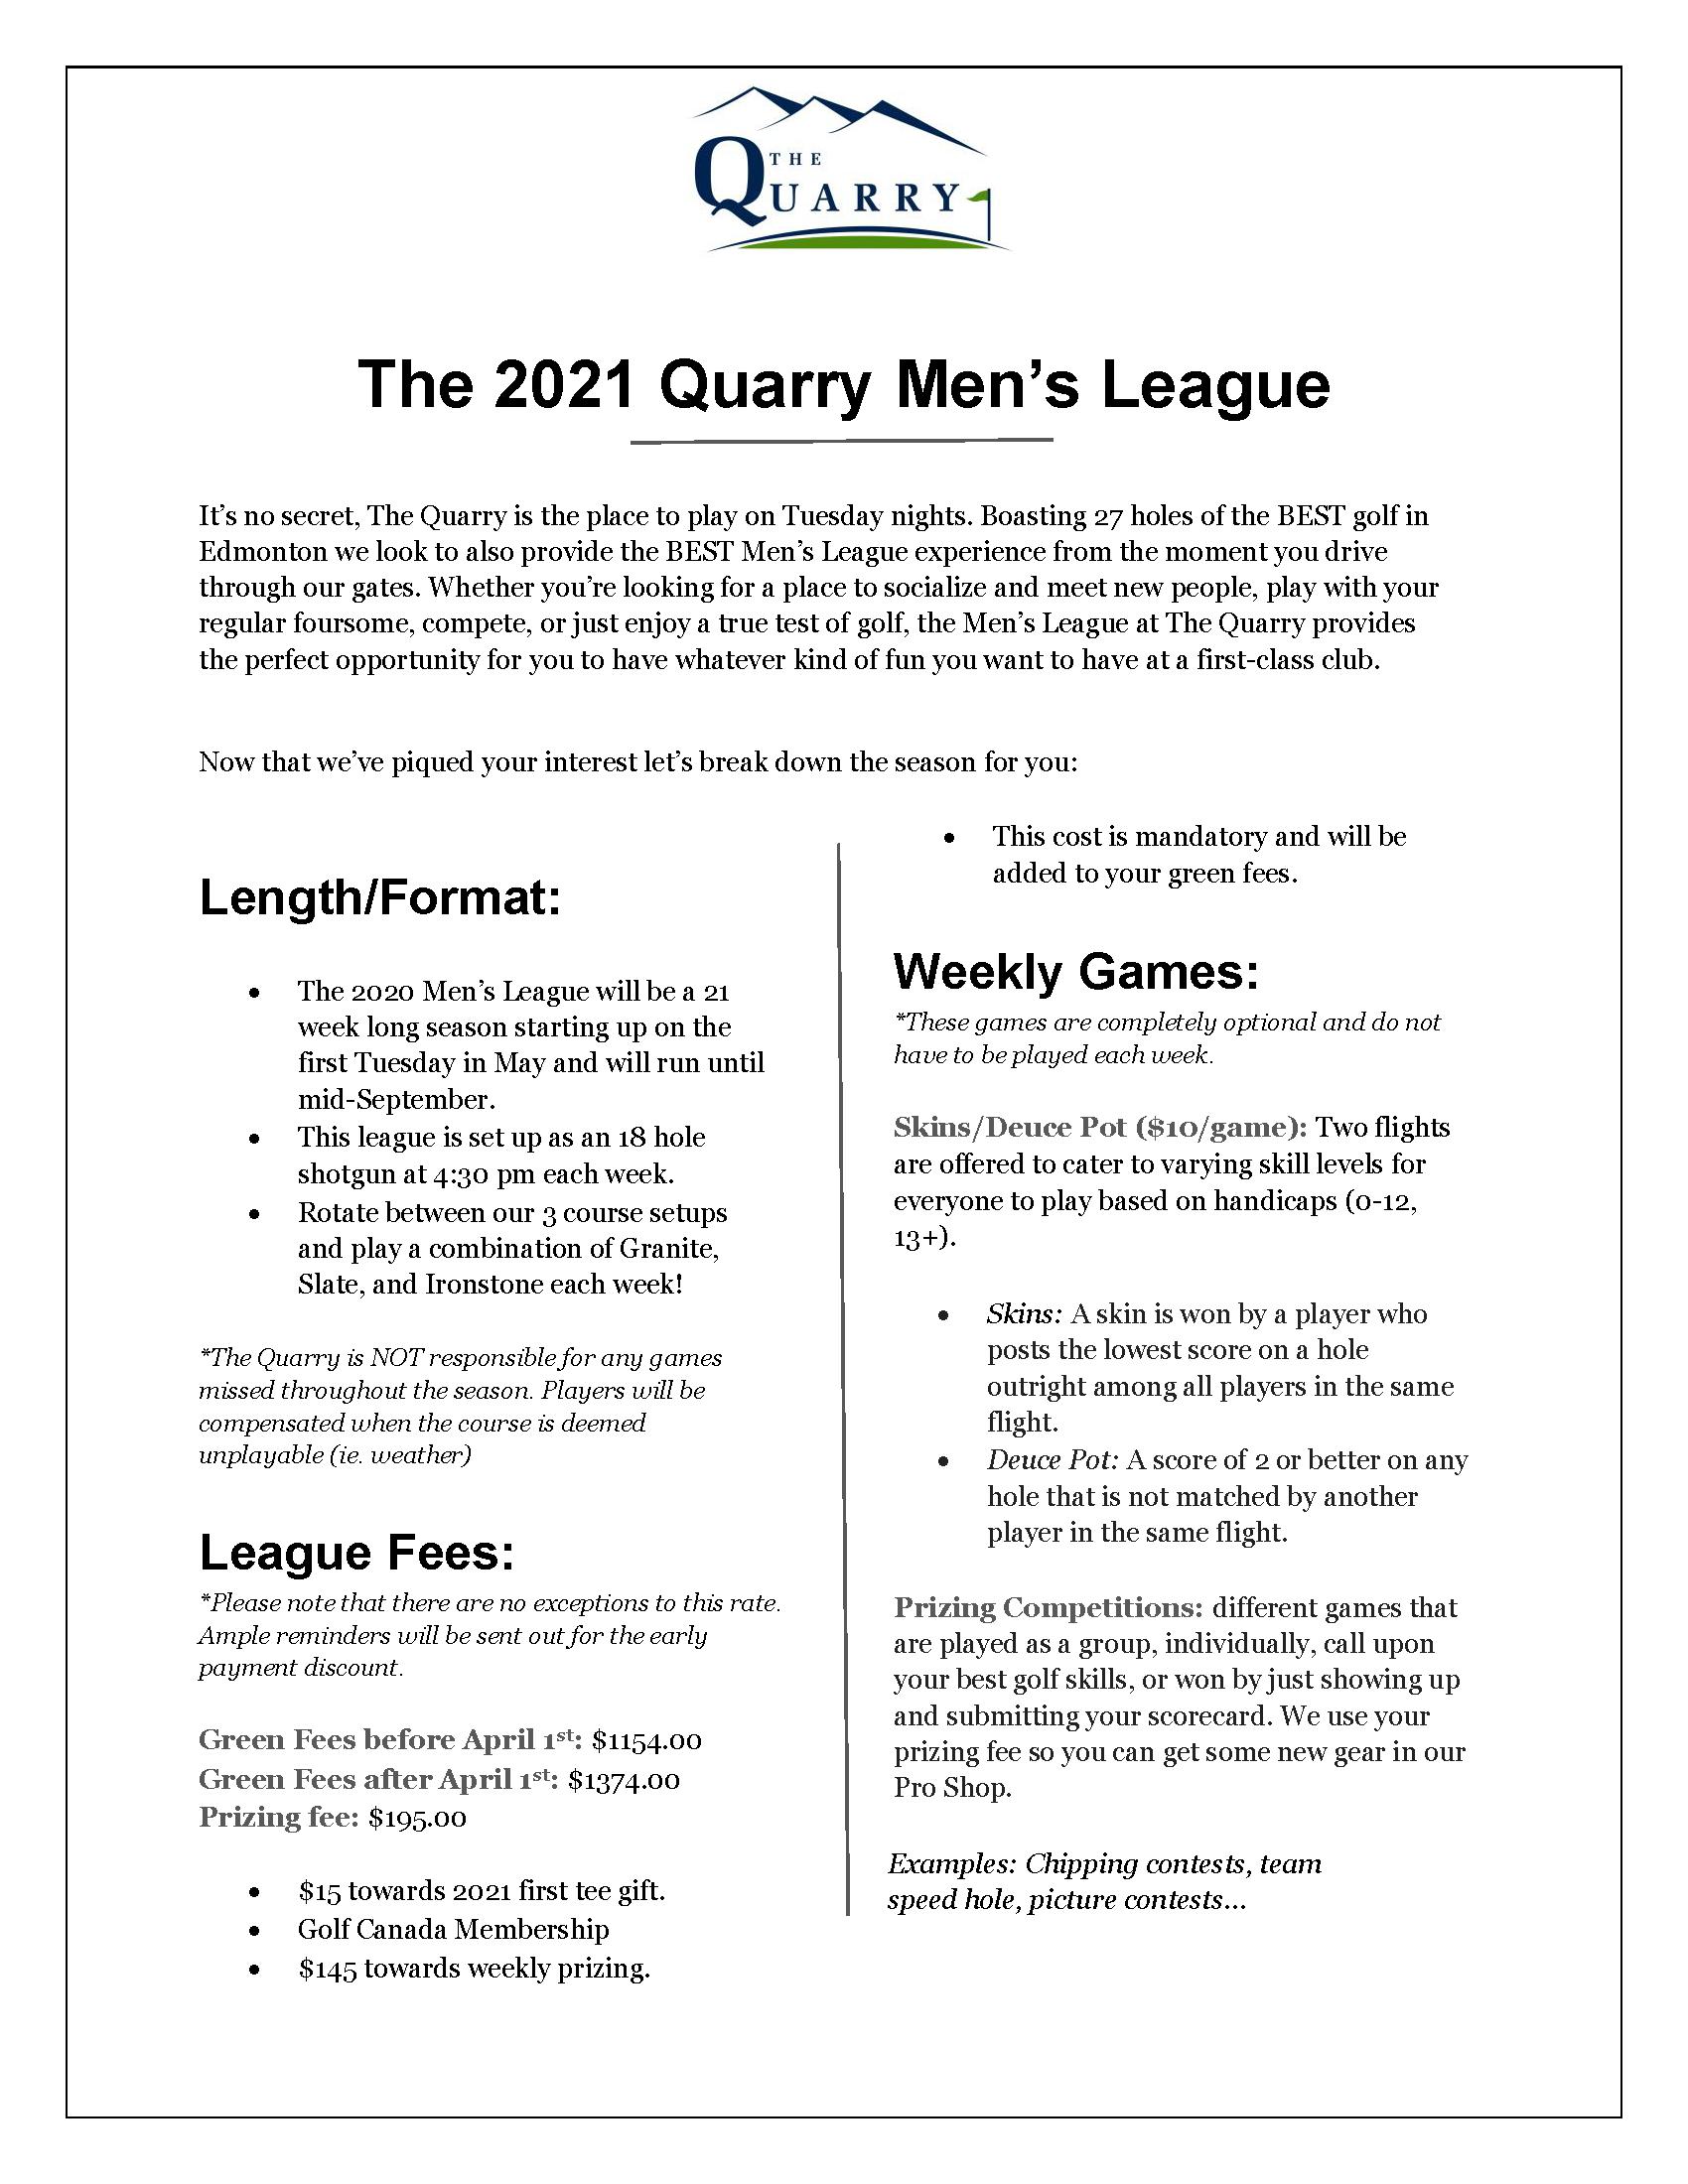 2021 Quarry Men's League Breakdown_Page_1